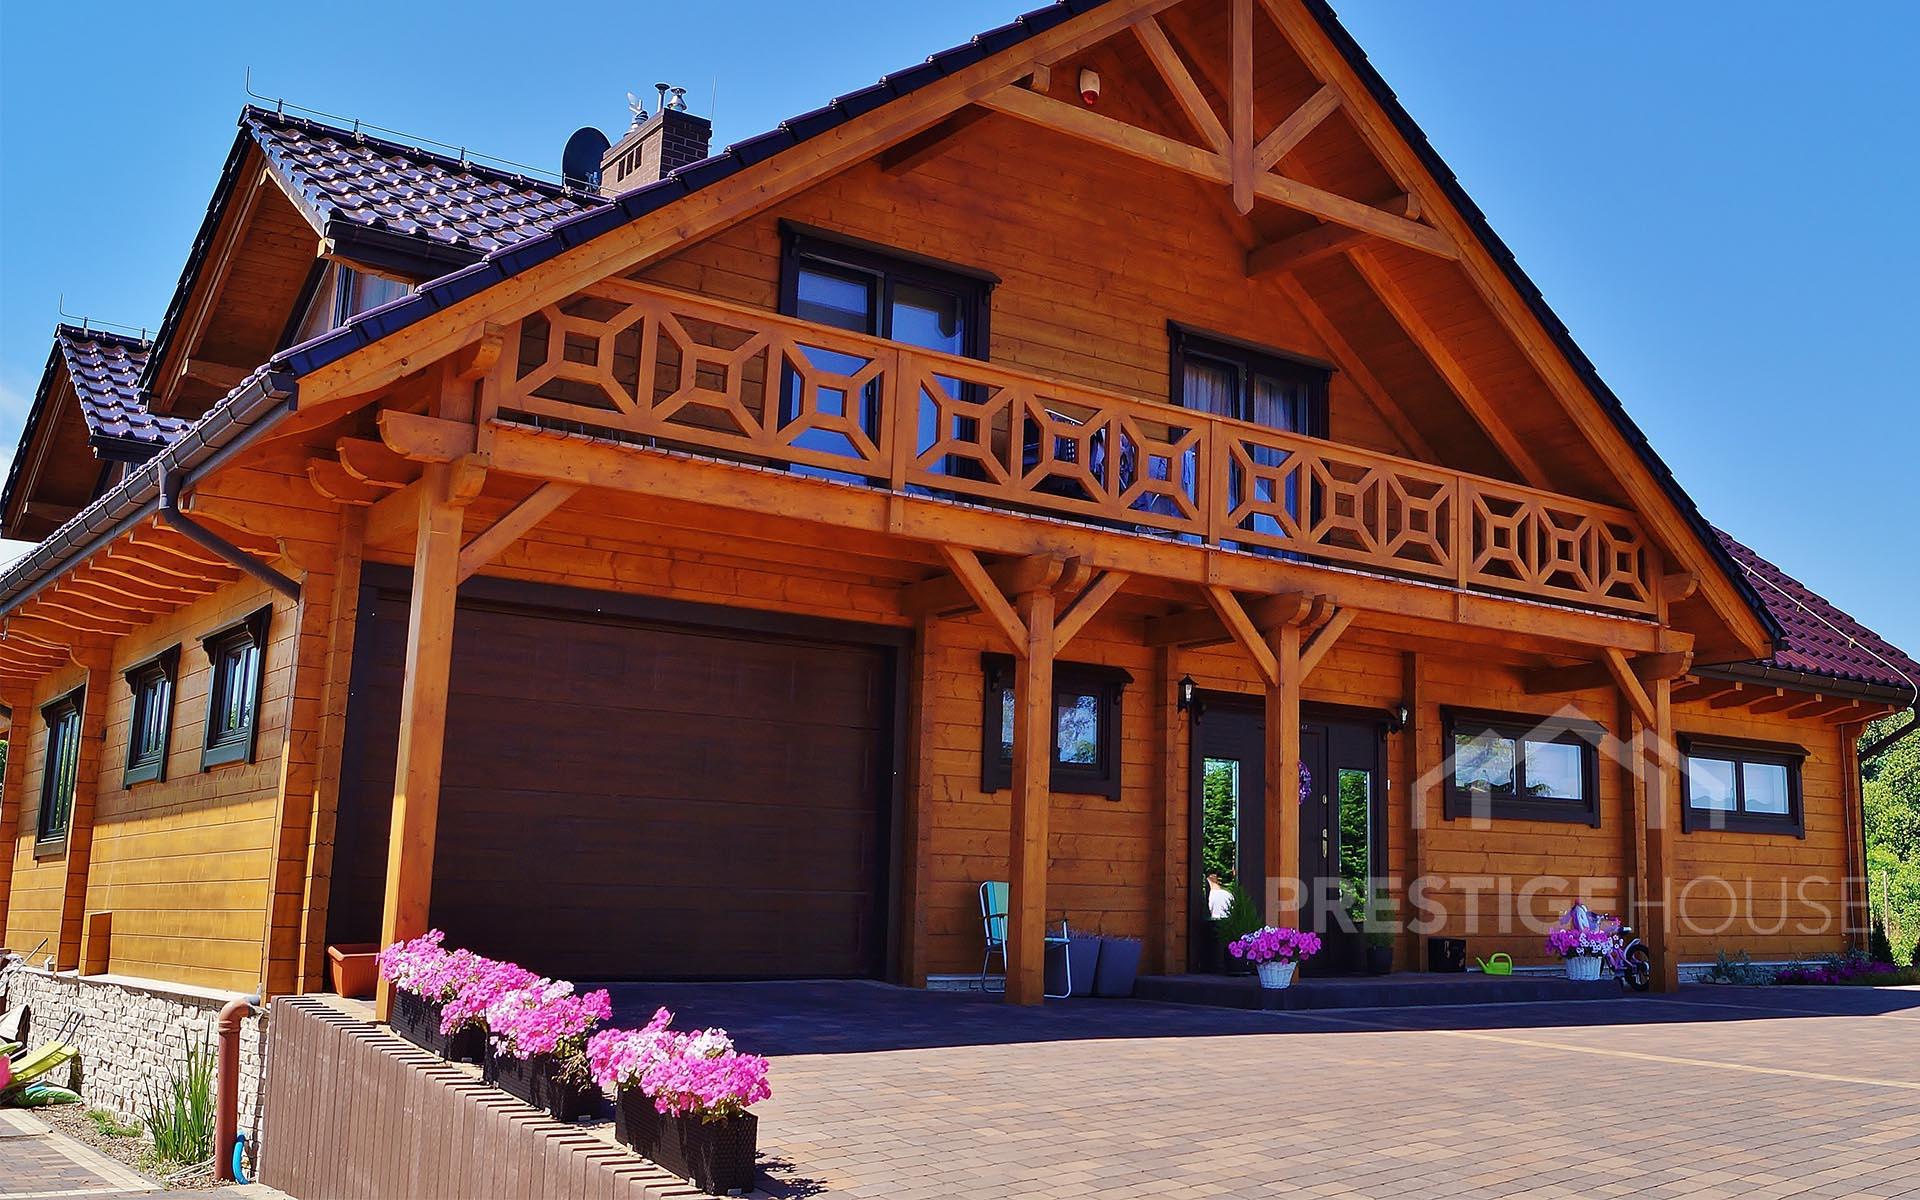 Nowoczesne domy z drewna - Producent Prestige House